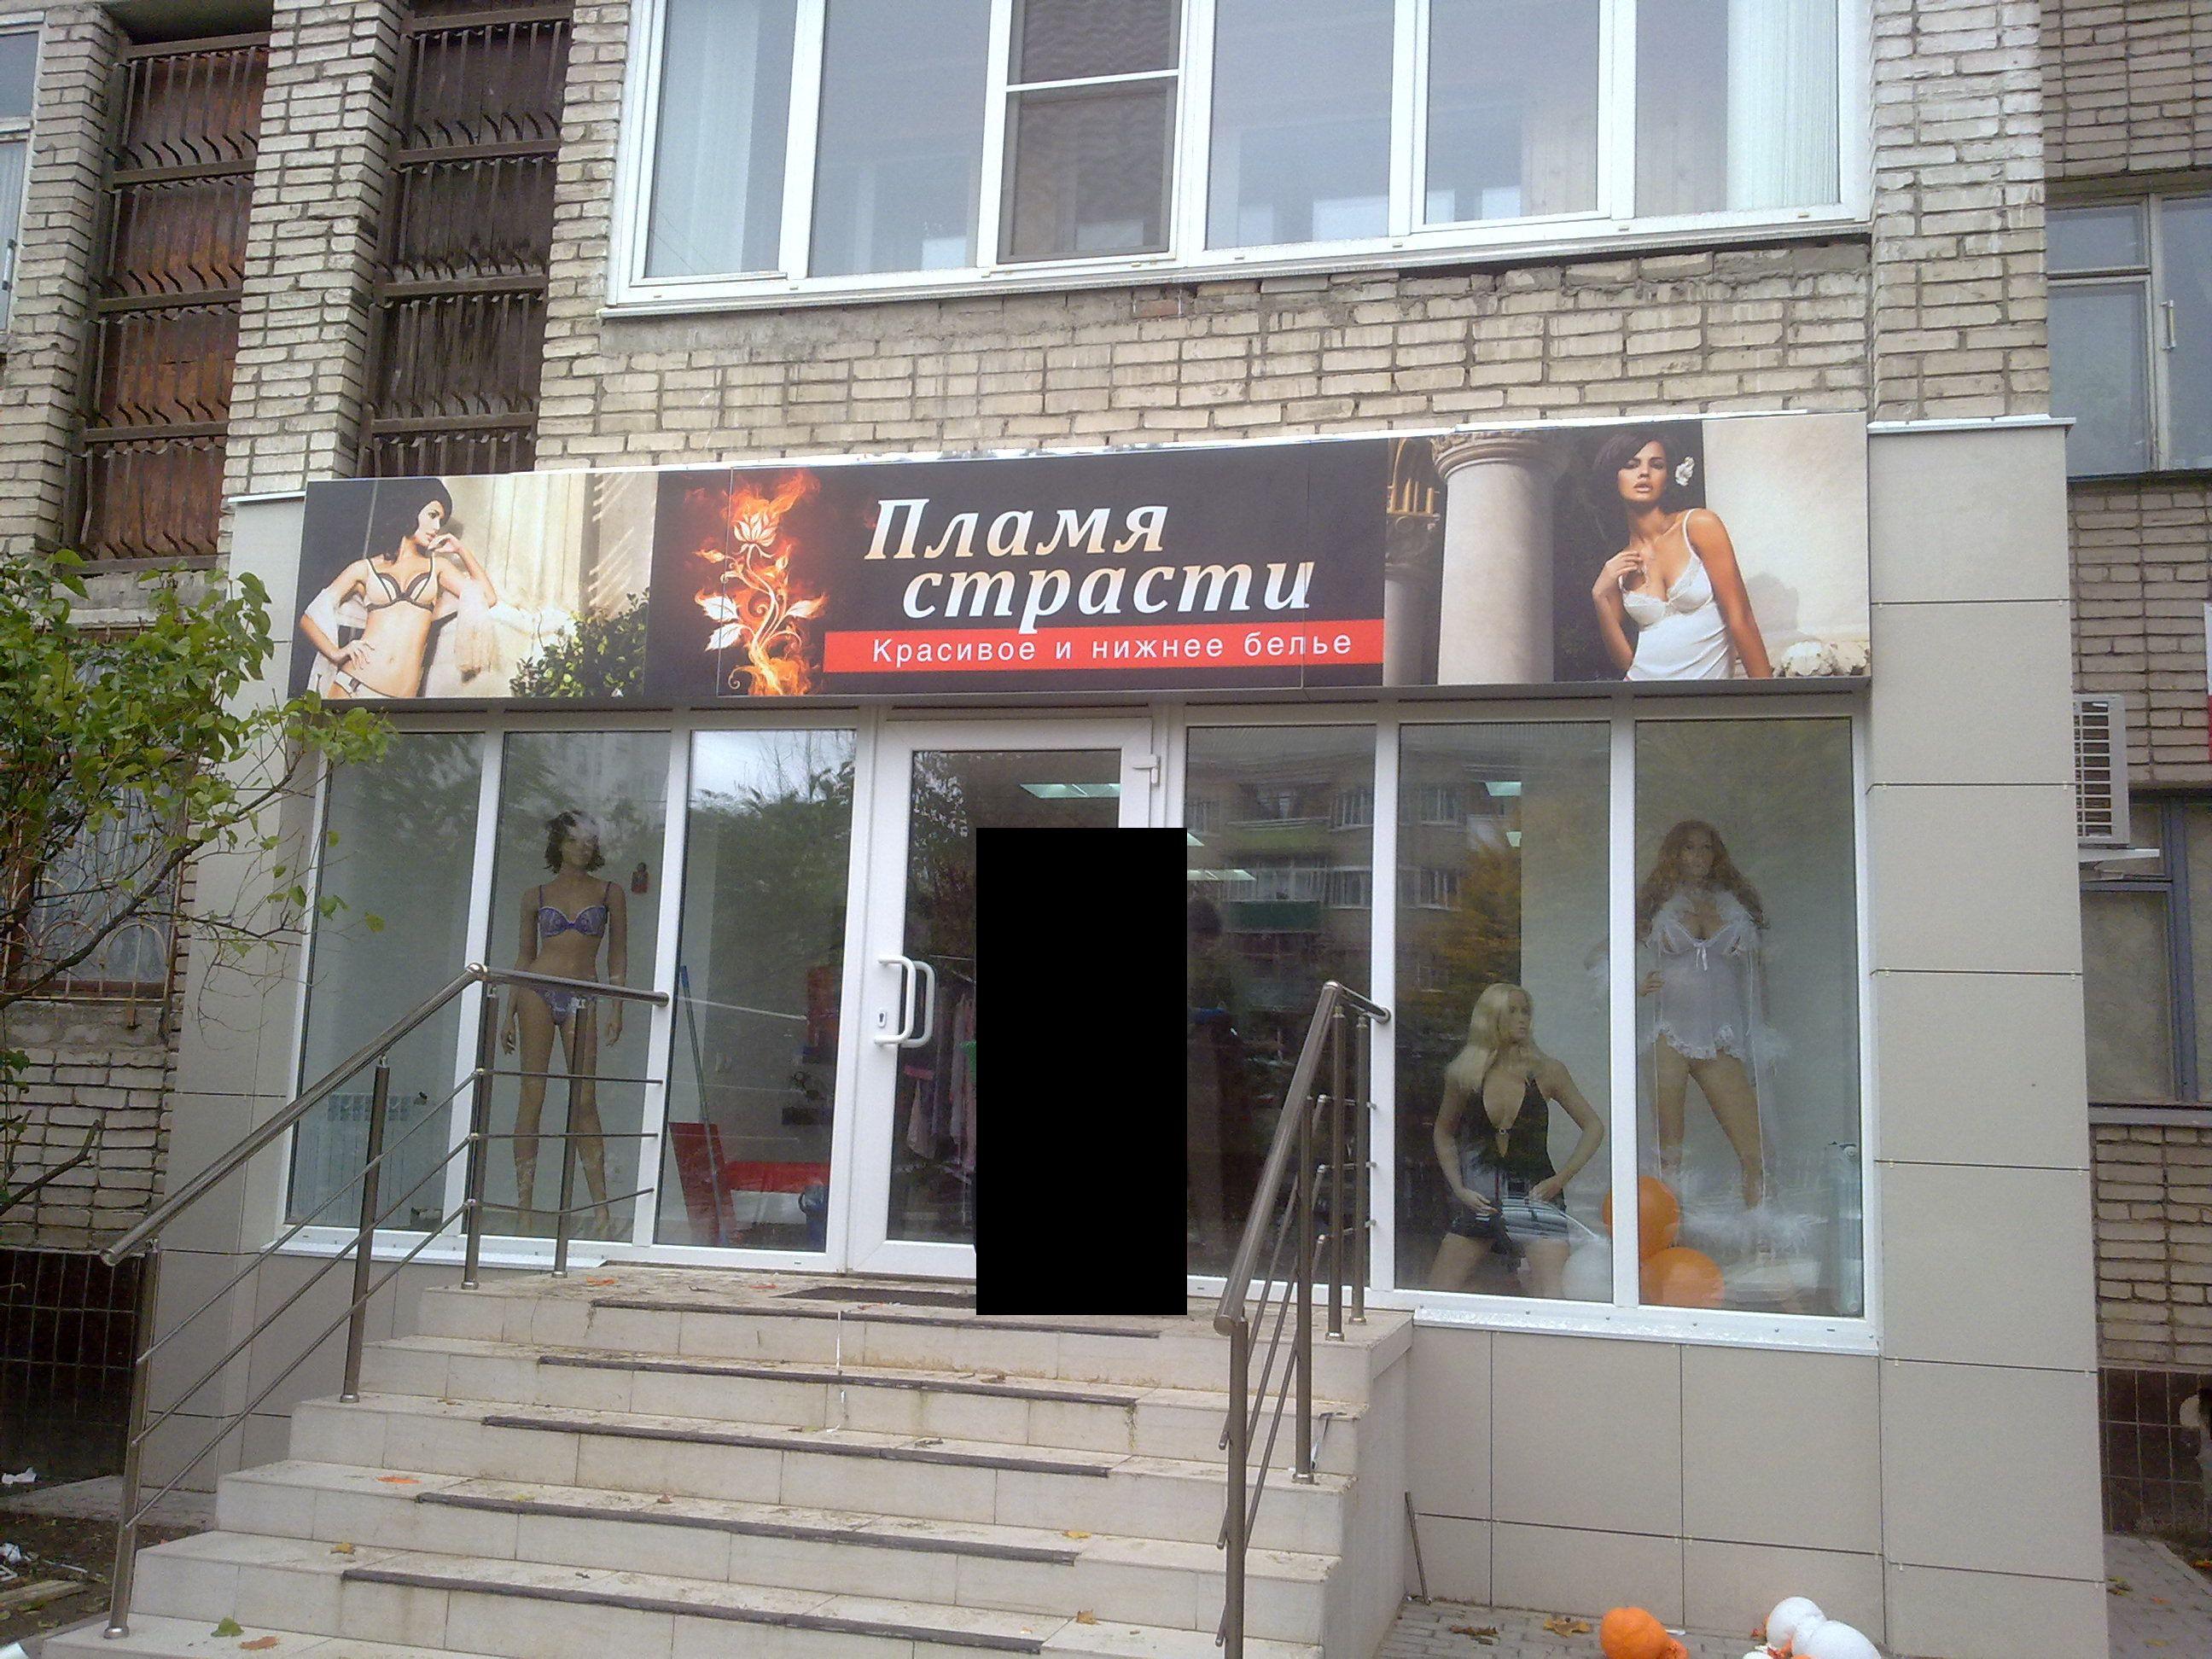 Магазин нижнего белья. Как привлечь покупателей  - Архив раздела ... 306245dcc97